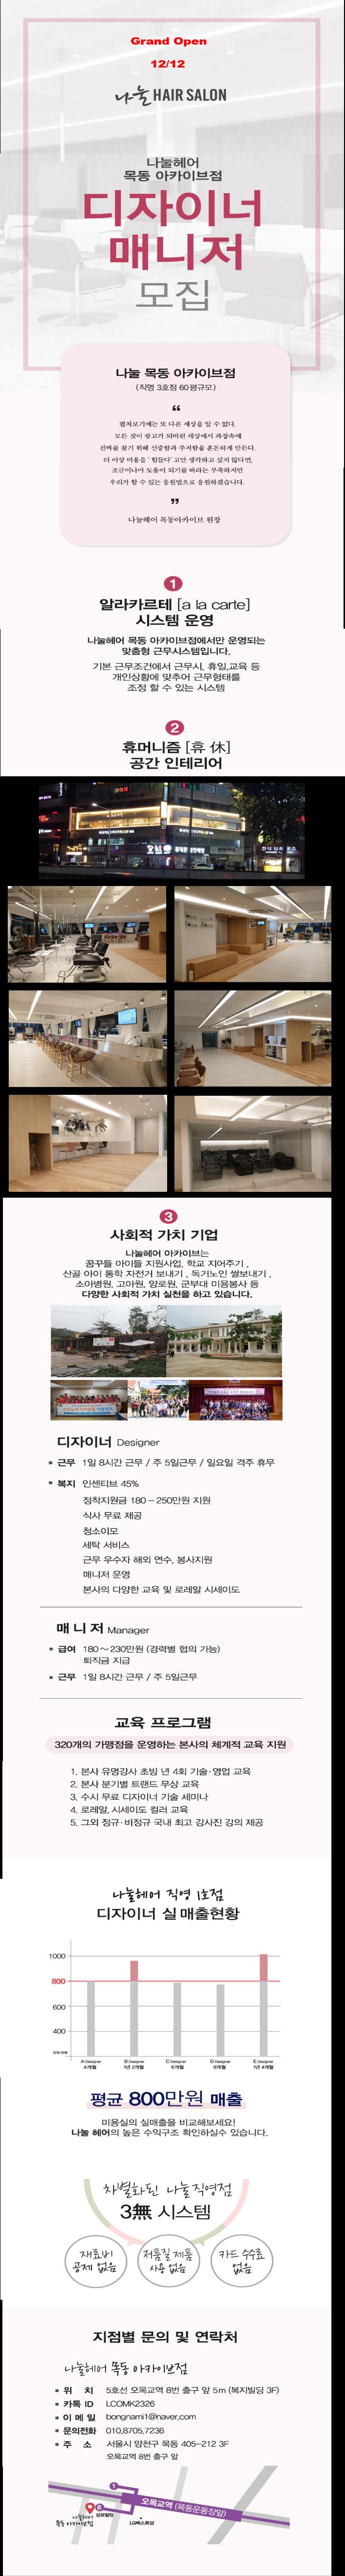 구인광고 최종.png